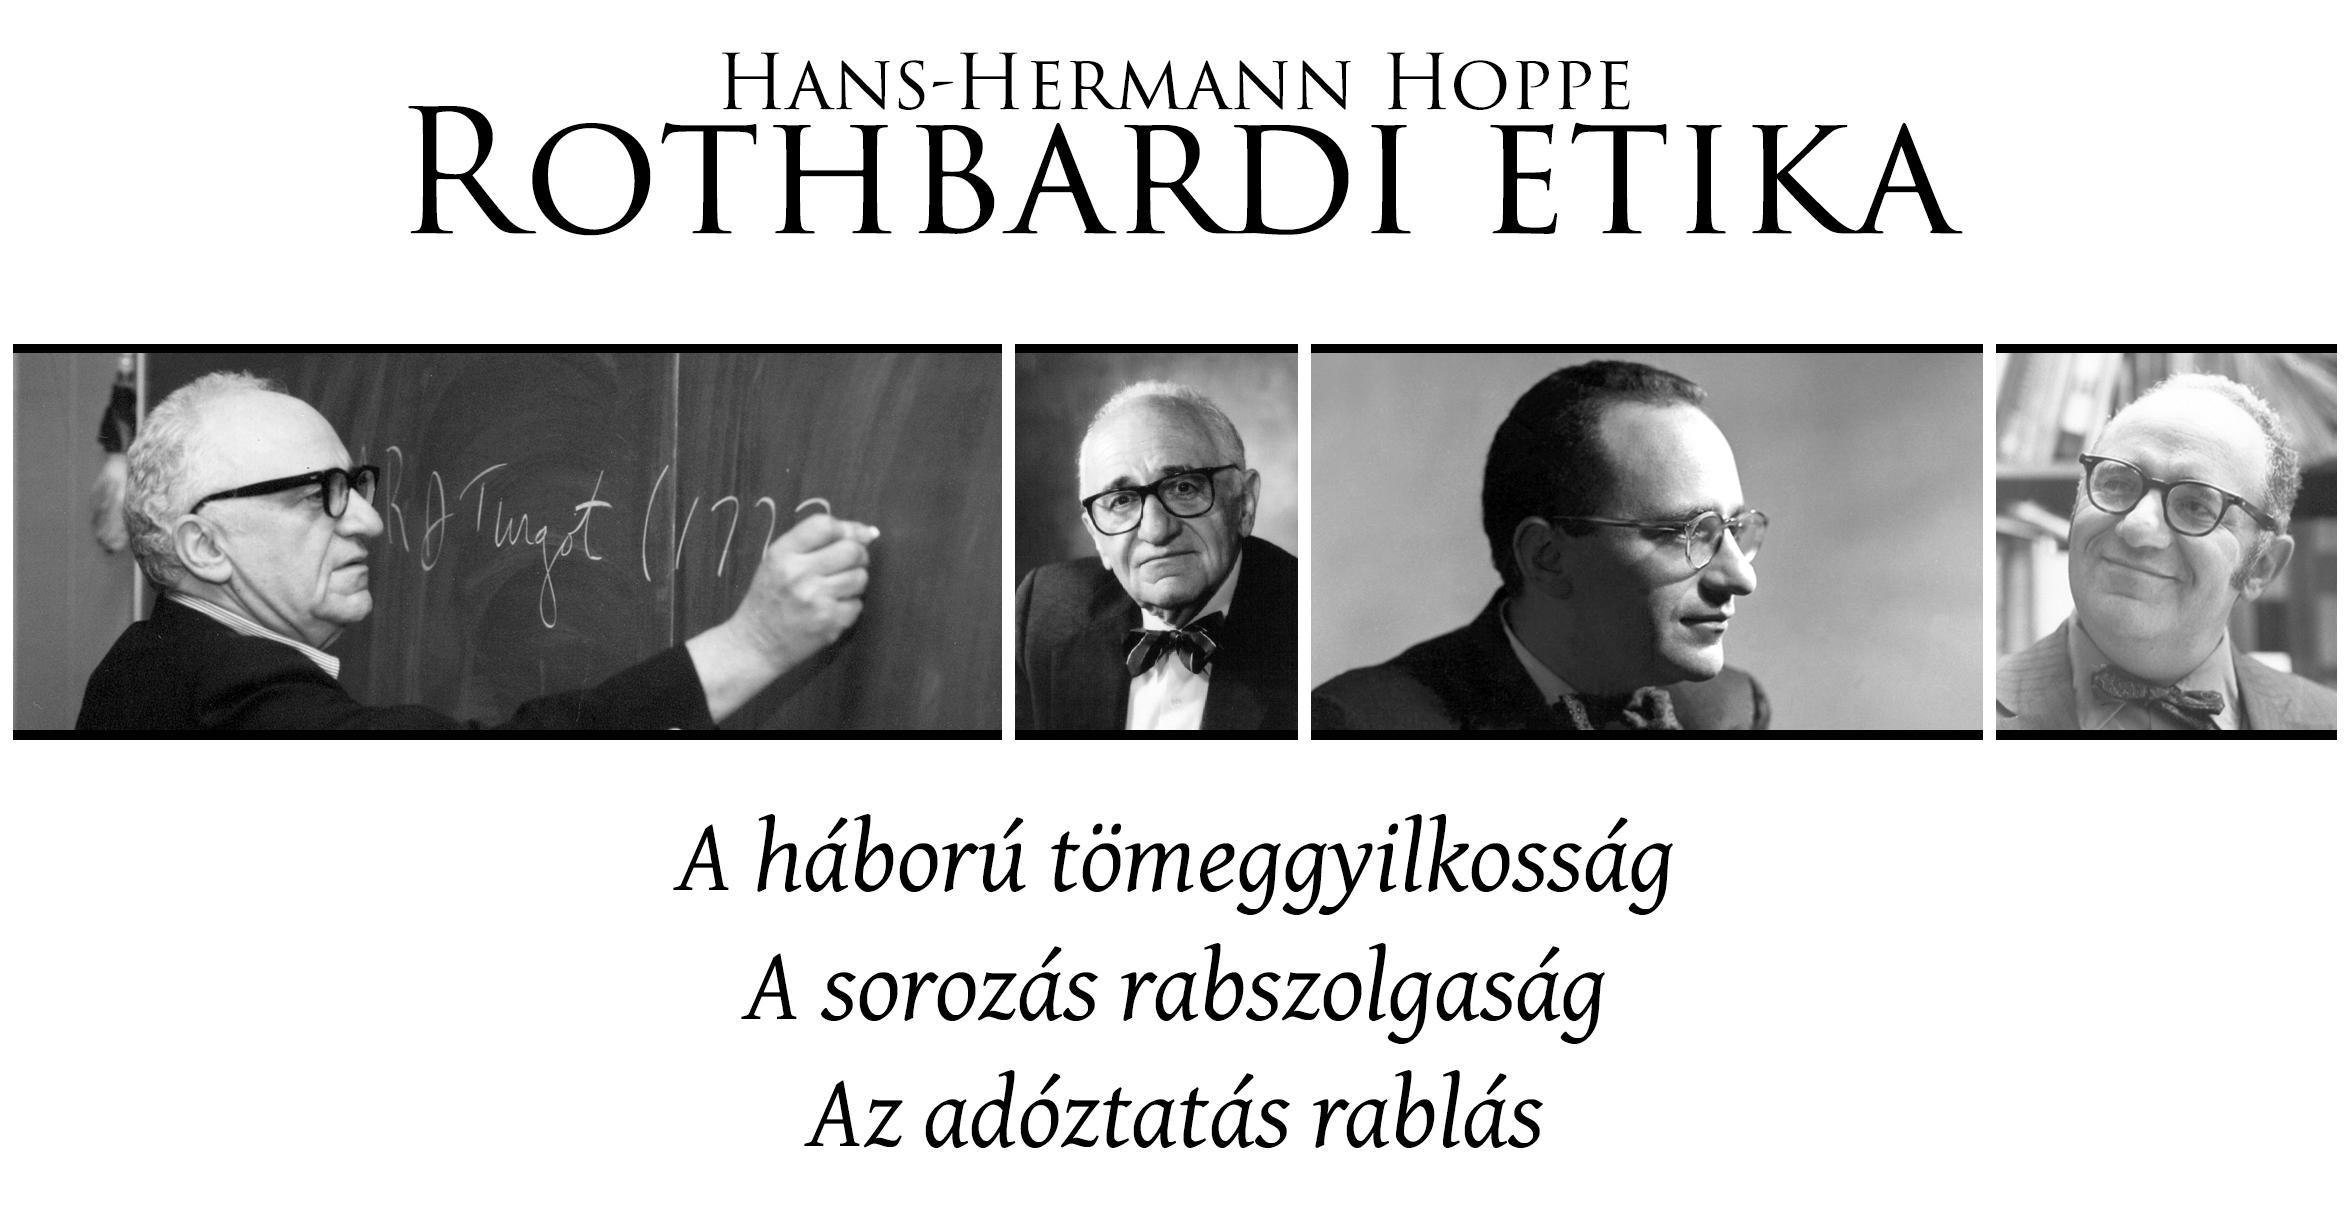 Hans-Hermann Hoppe – Rothbardi etika